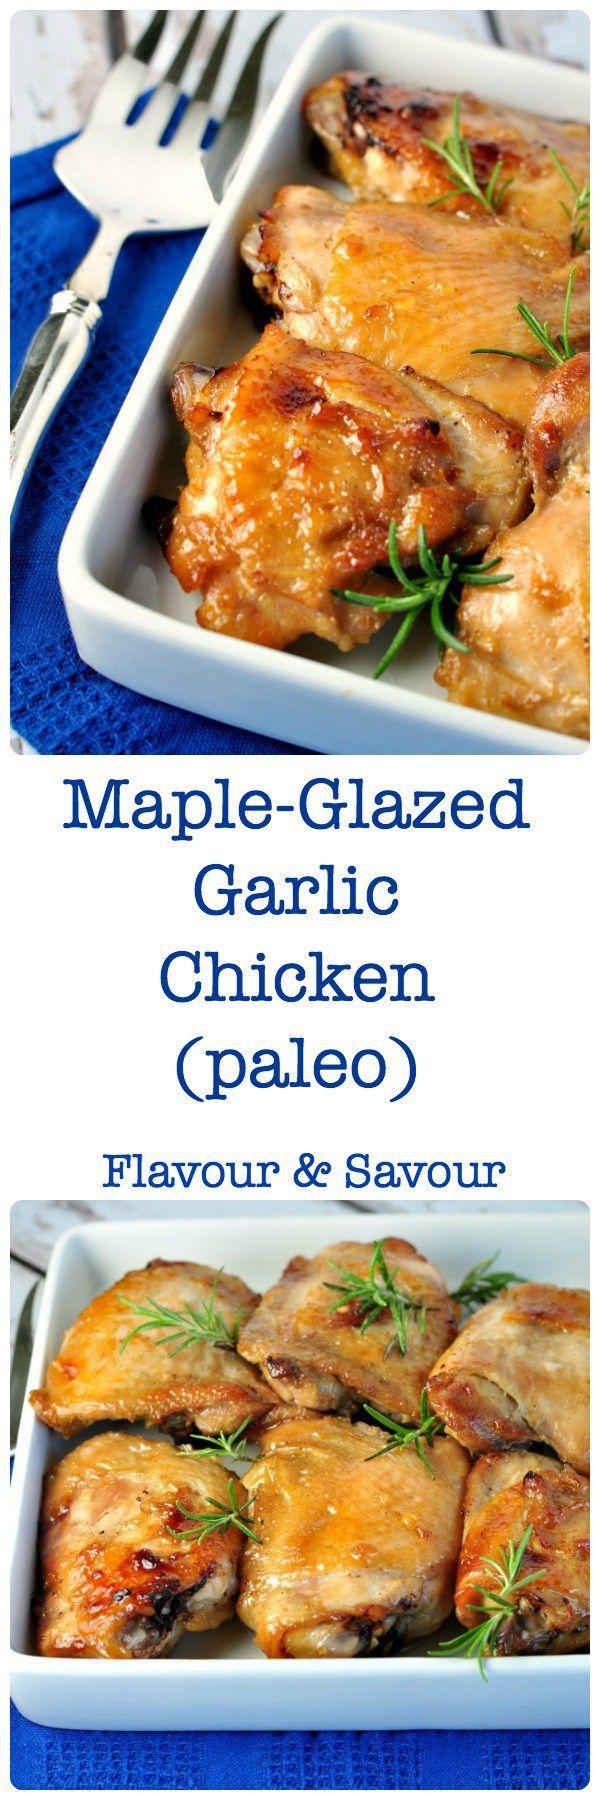 Maple-Glazed Garlic Chicken. Easy 3-step recipe for succulent chicken. |www.flavourandsavour.com